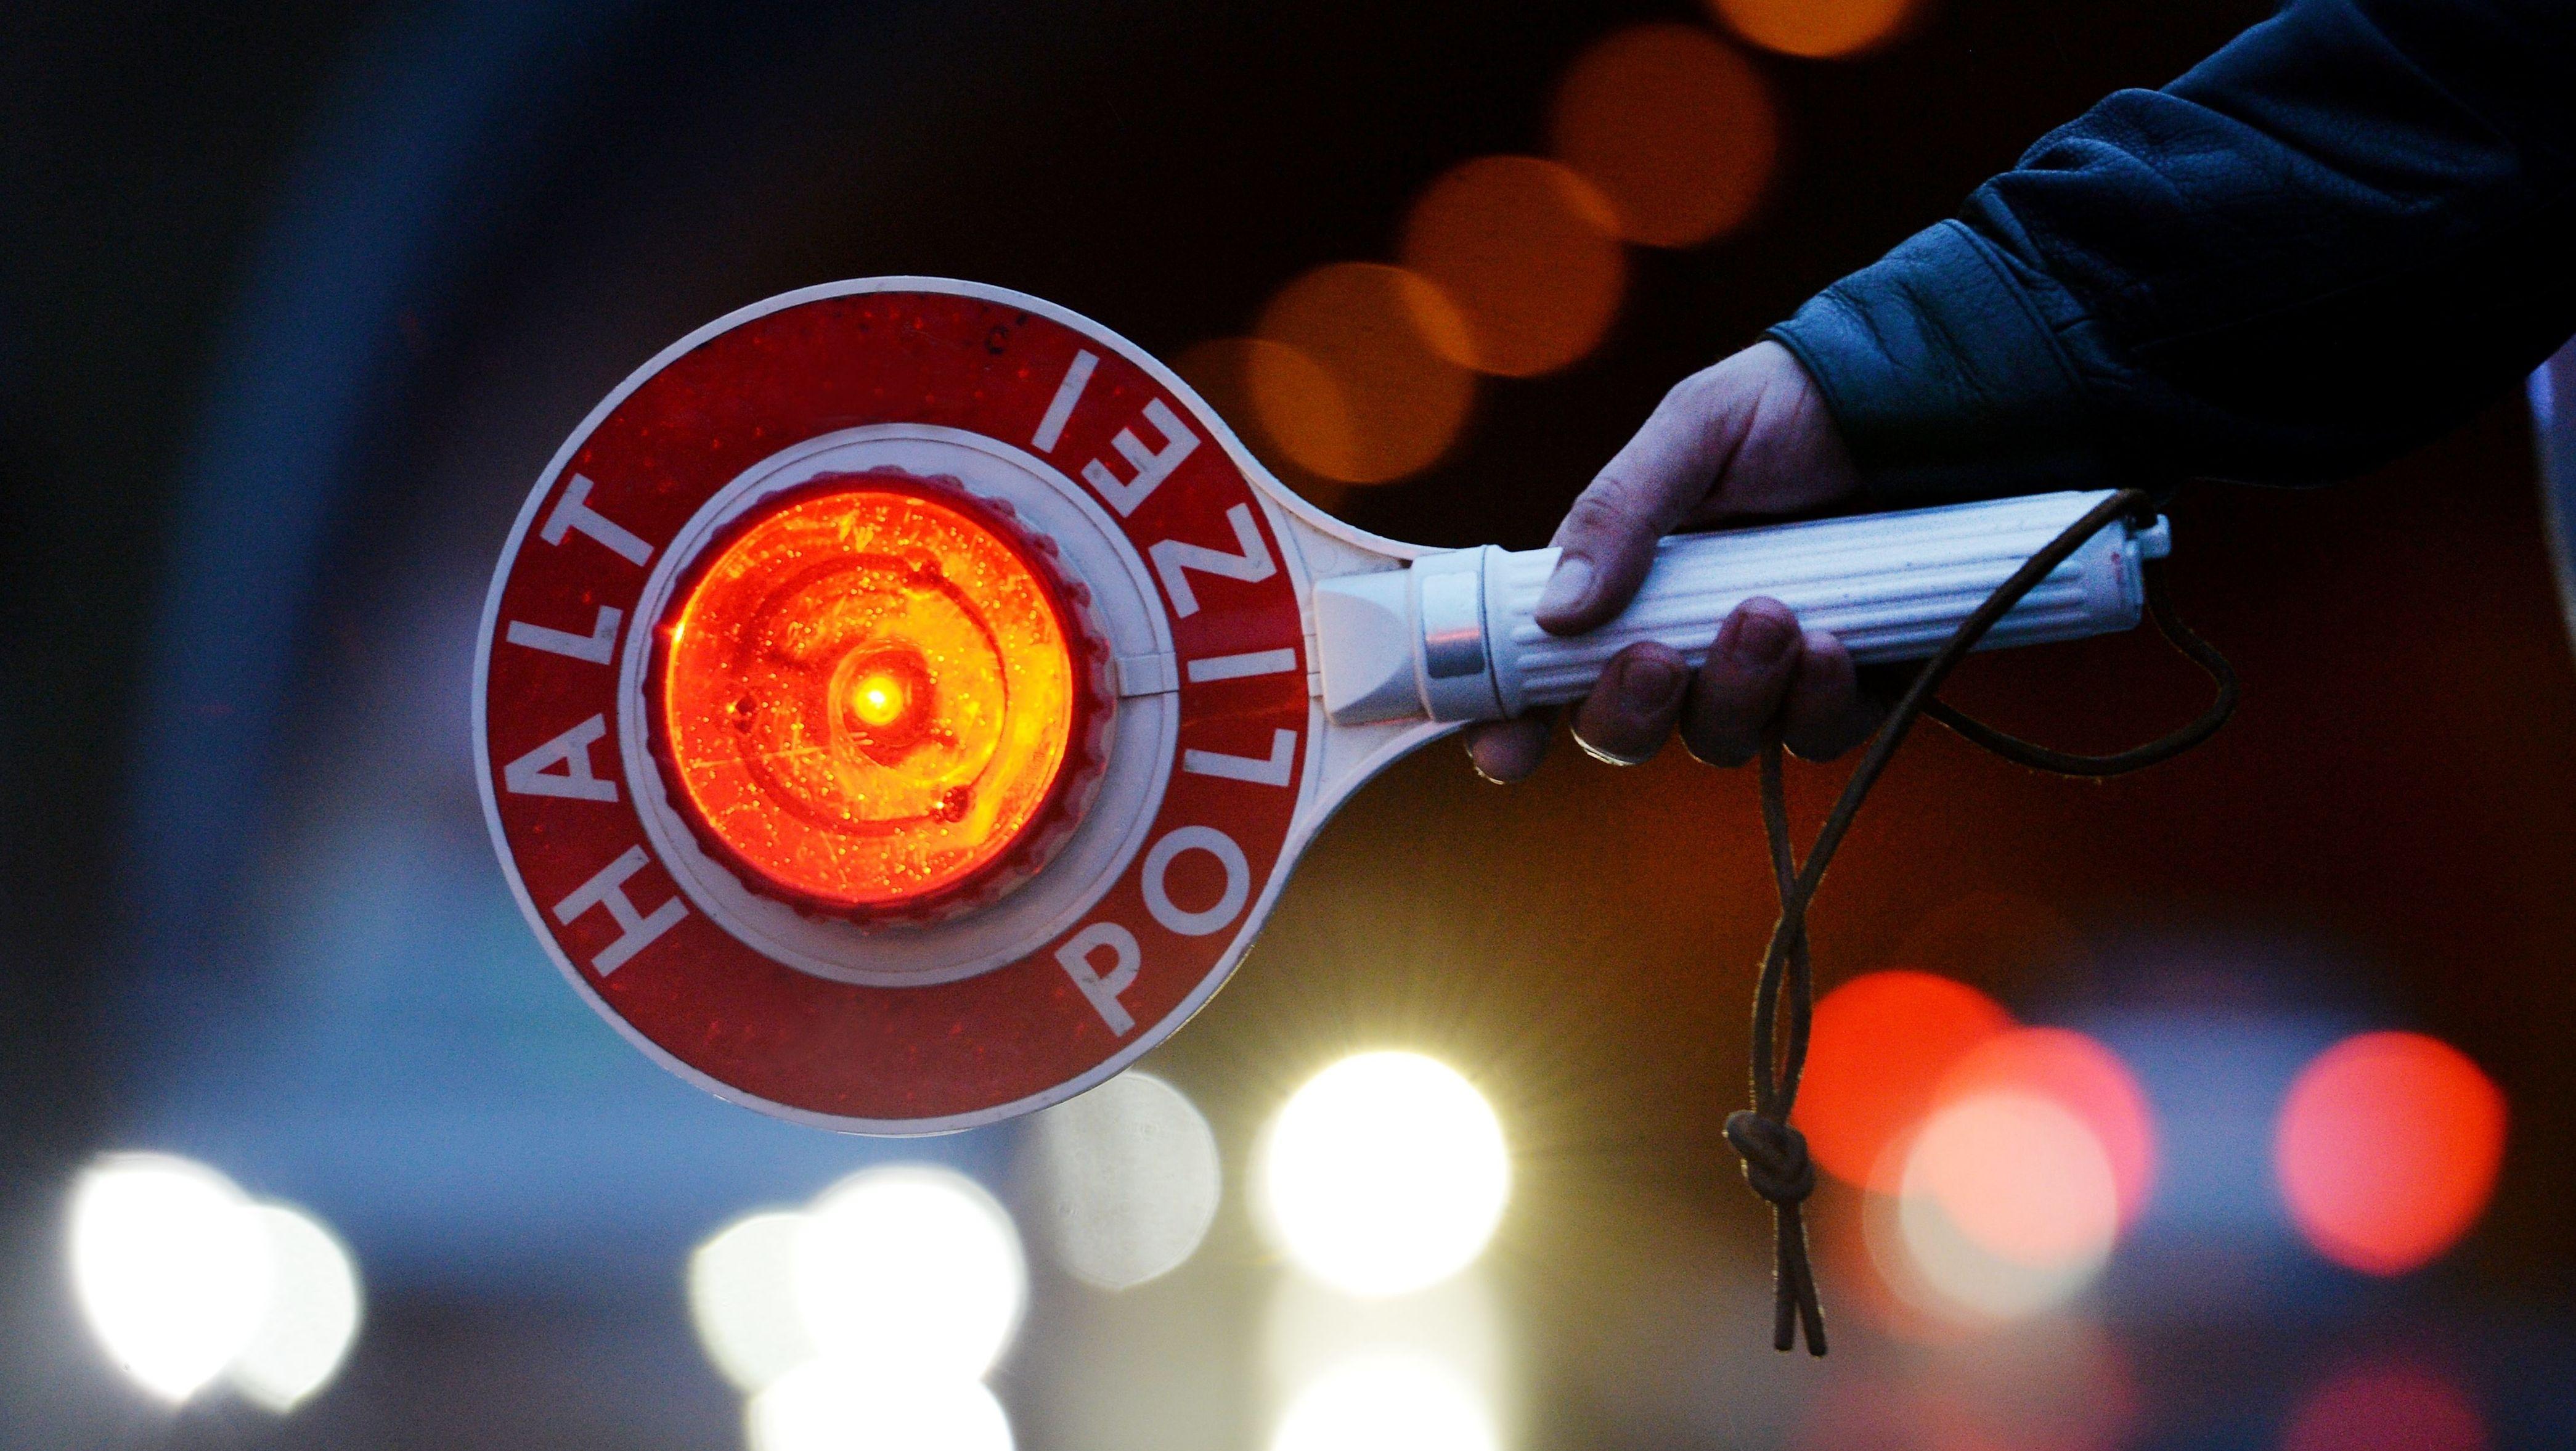 Polizeikelle (Symbolbild)